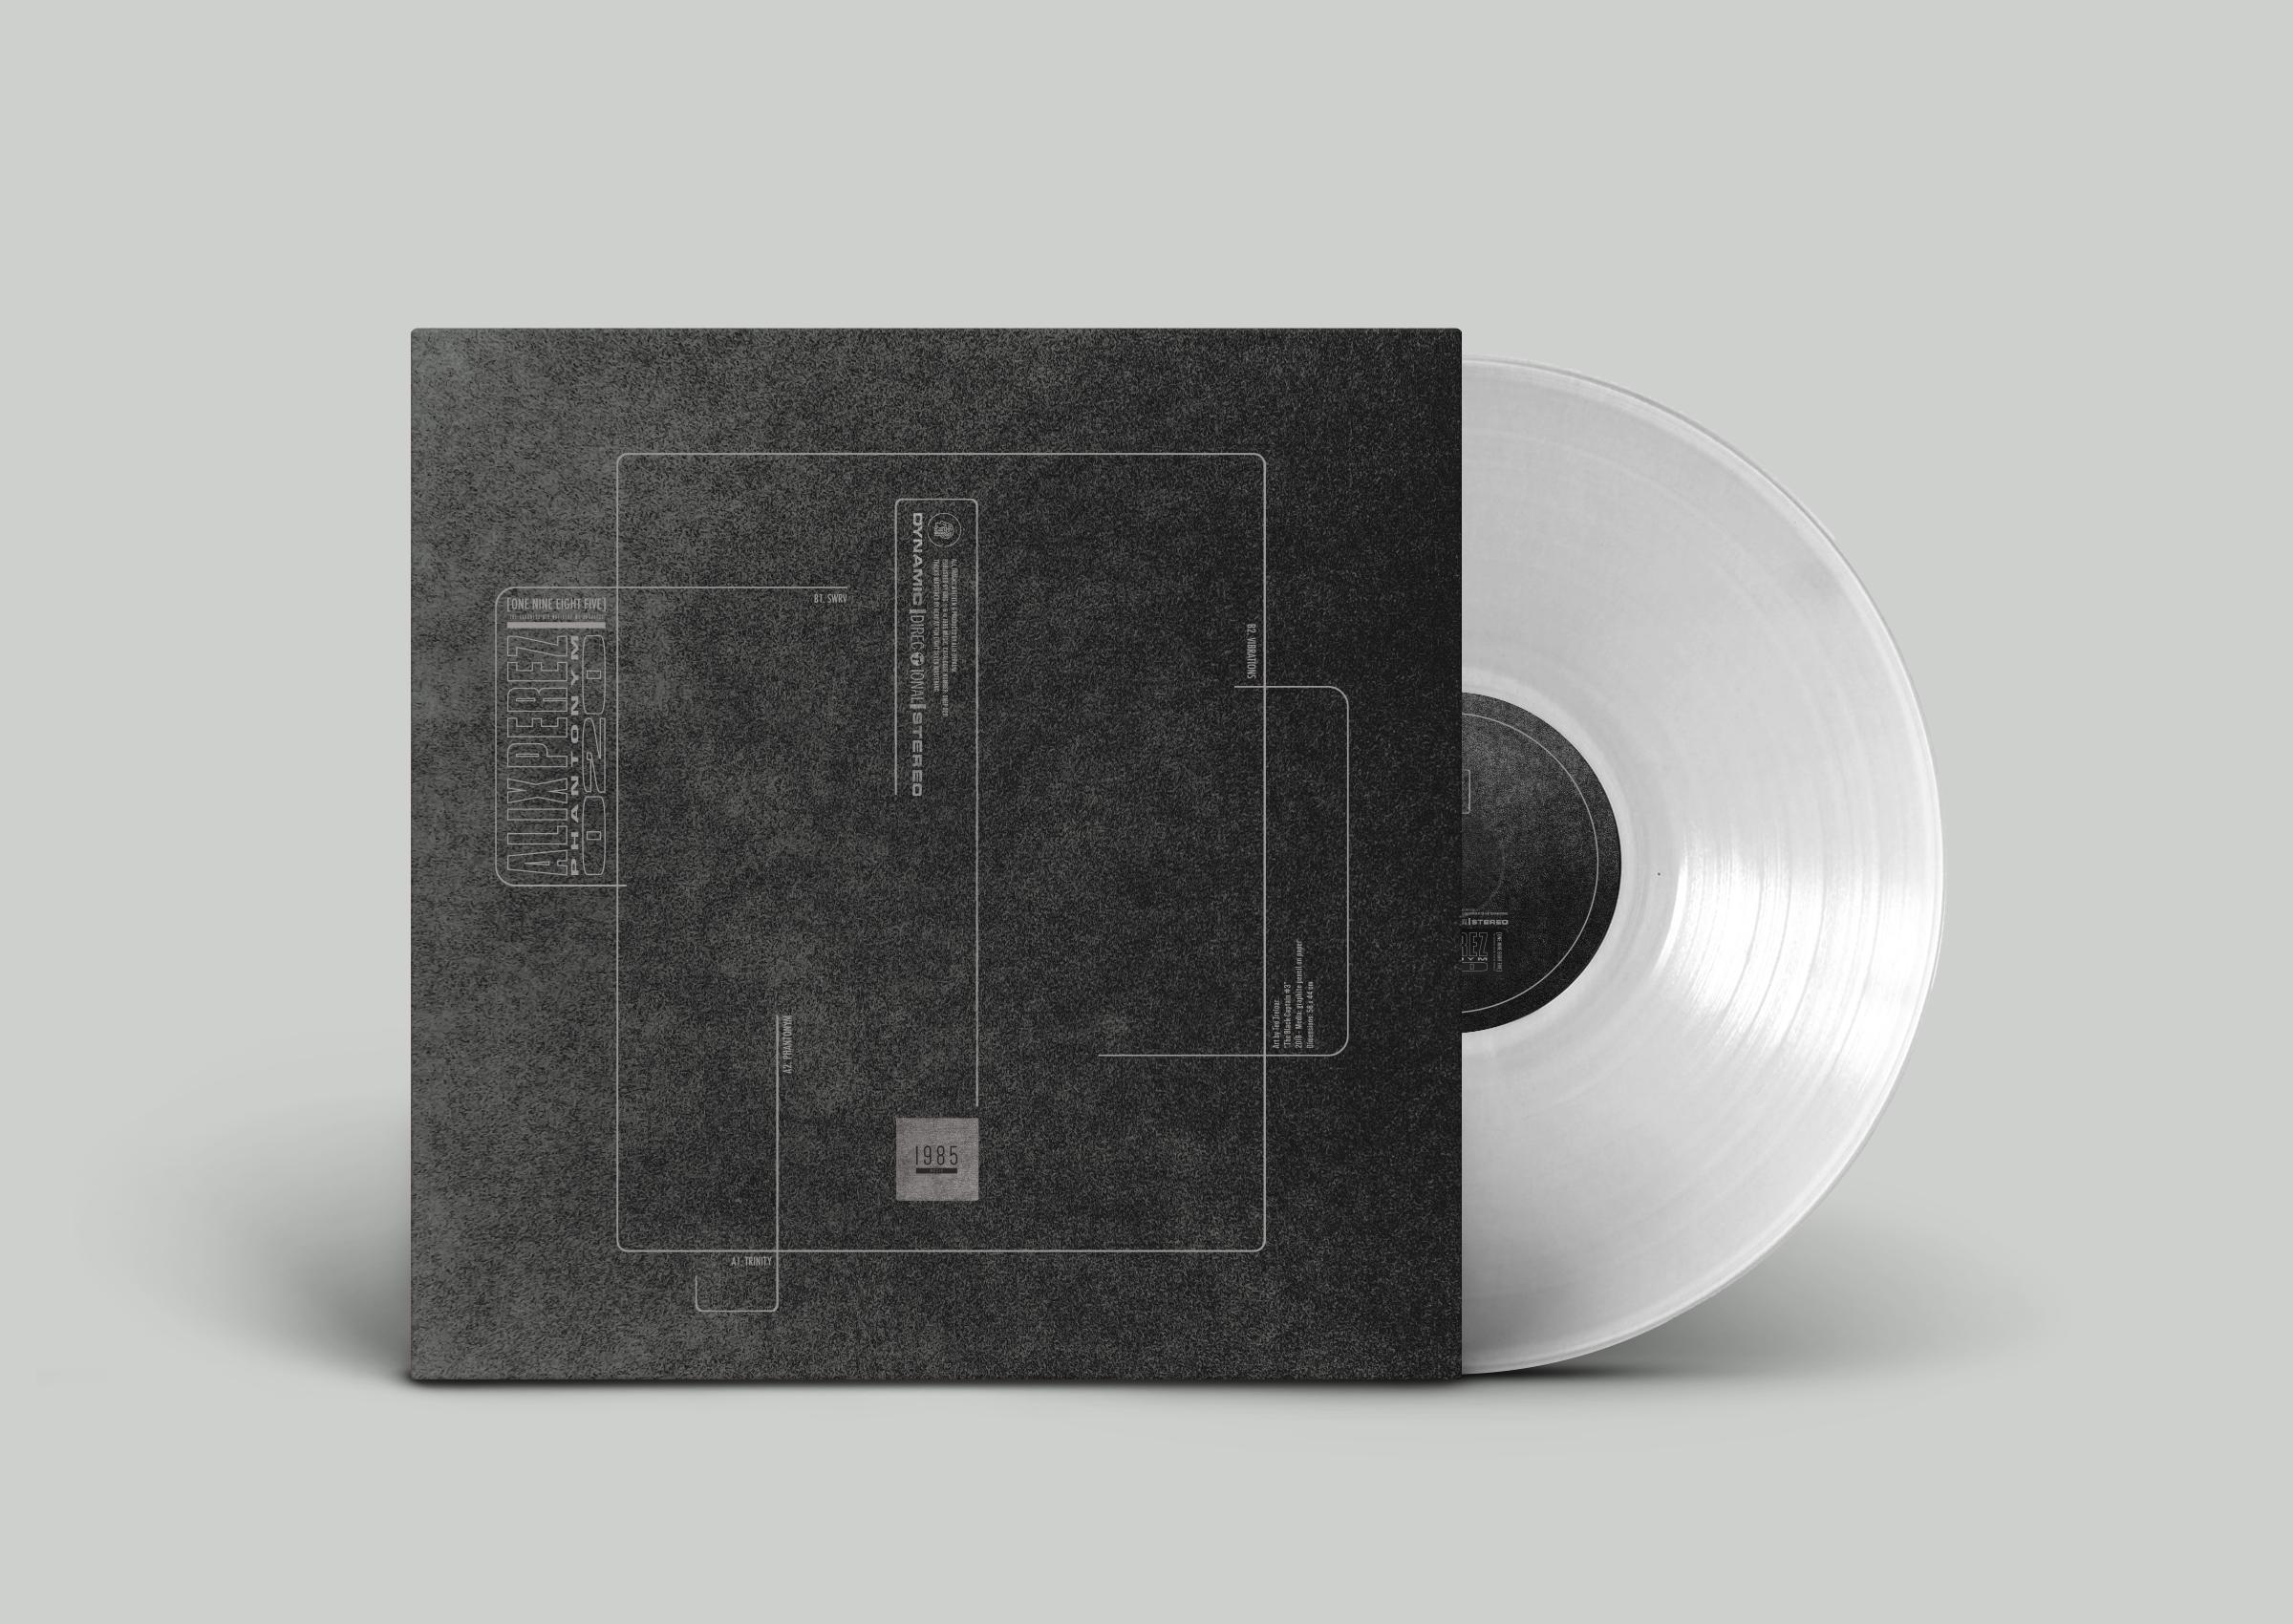 Alix Perez - Phantonym EP